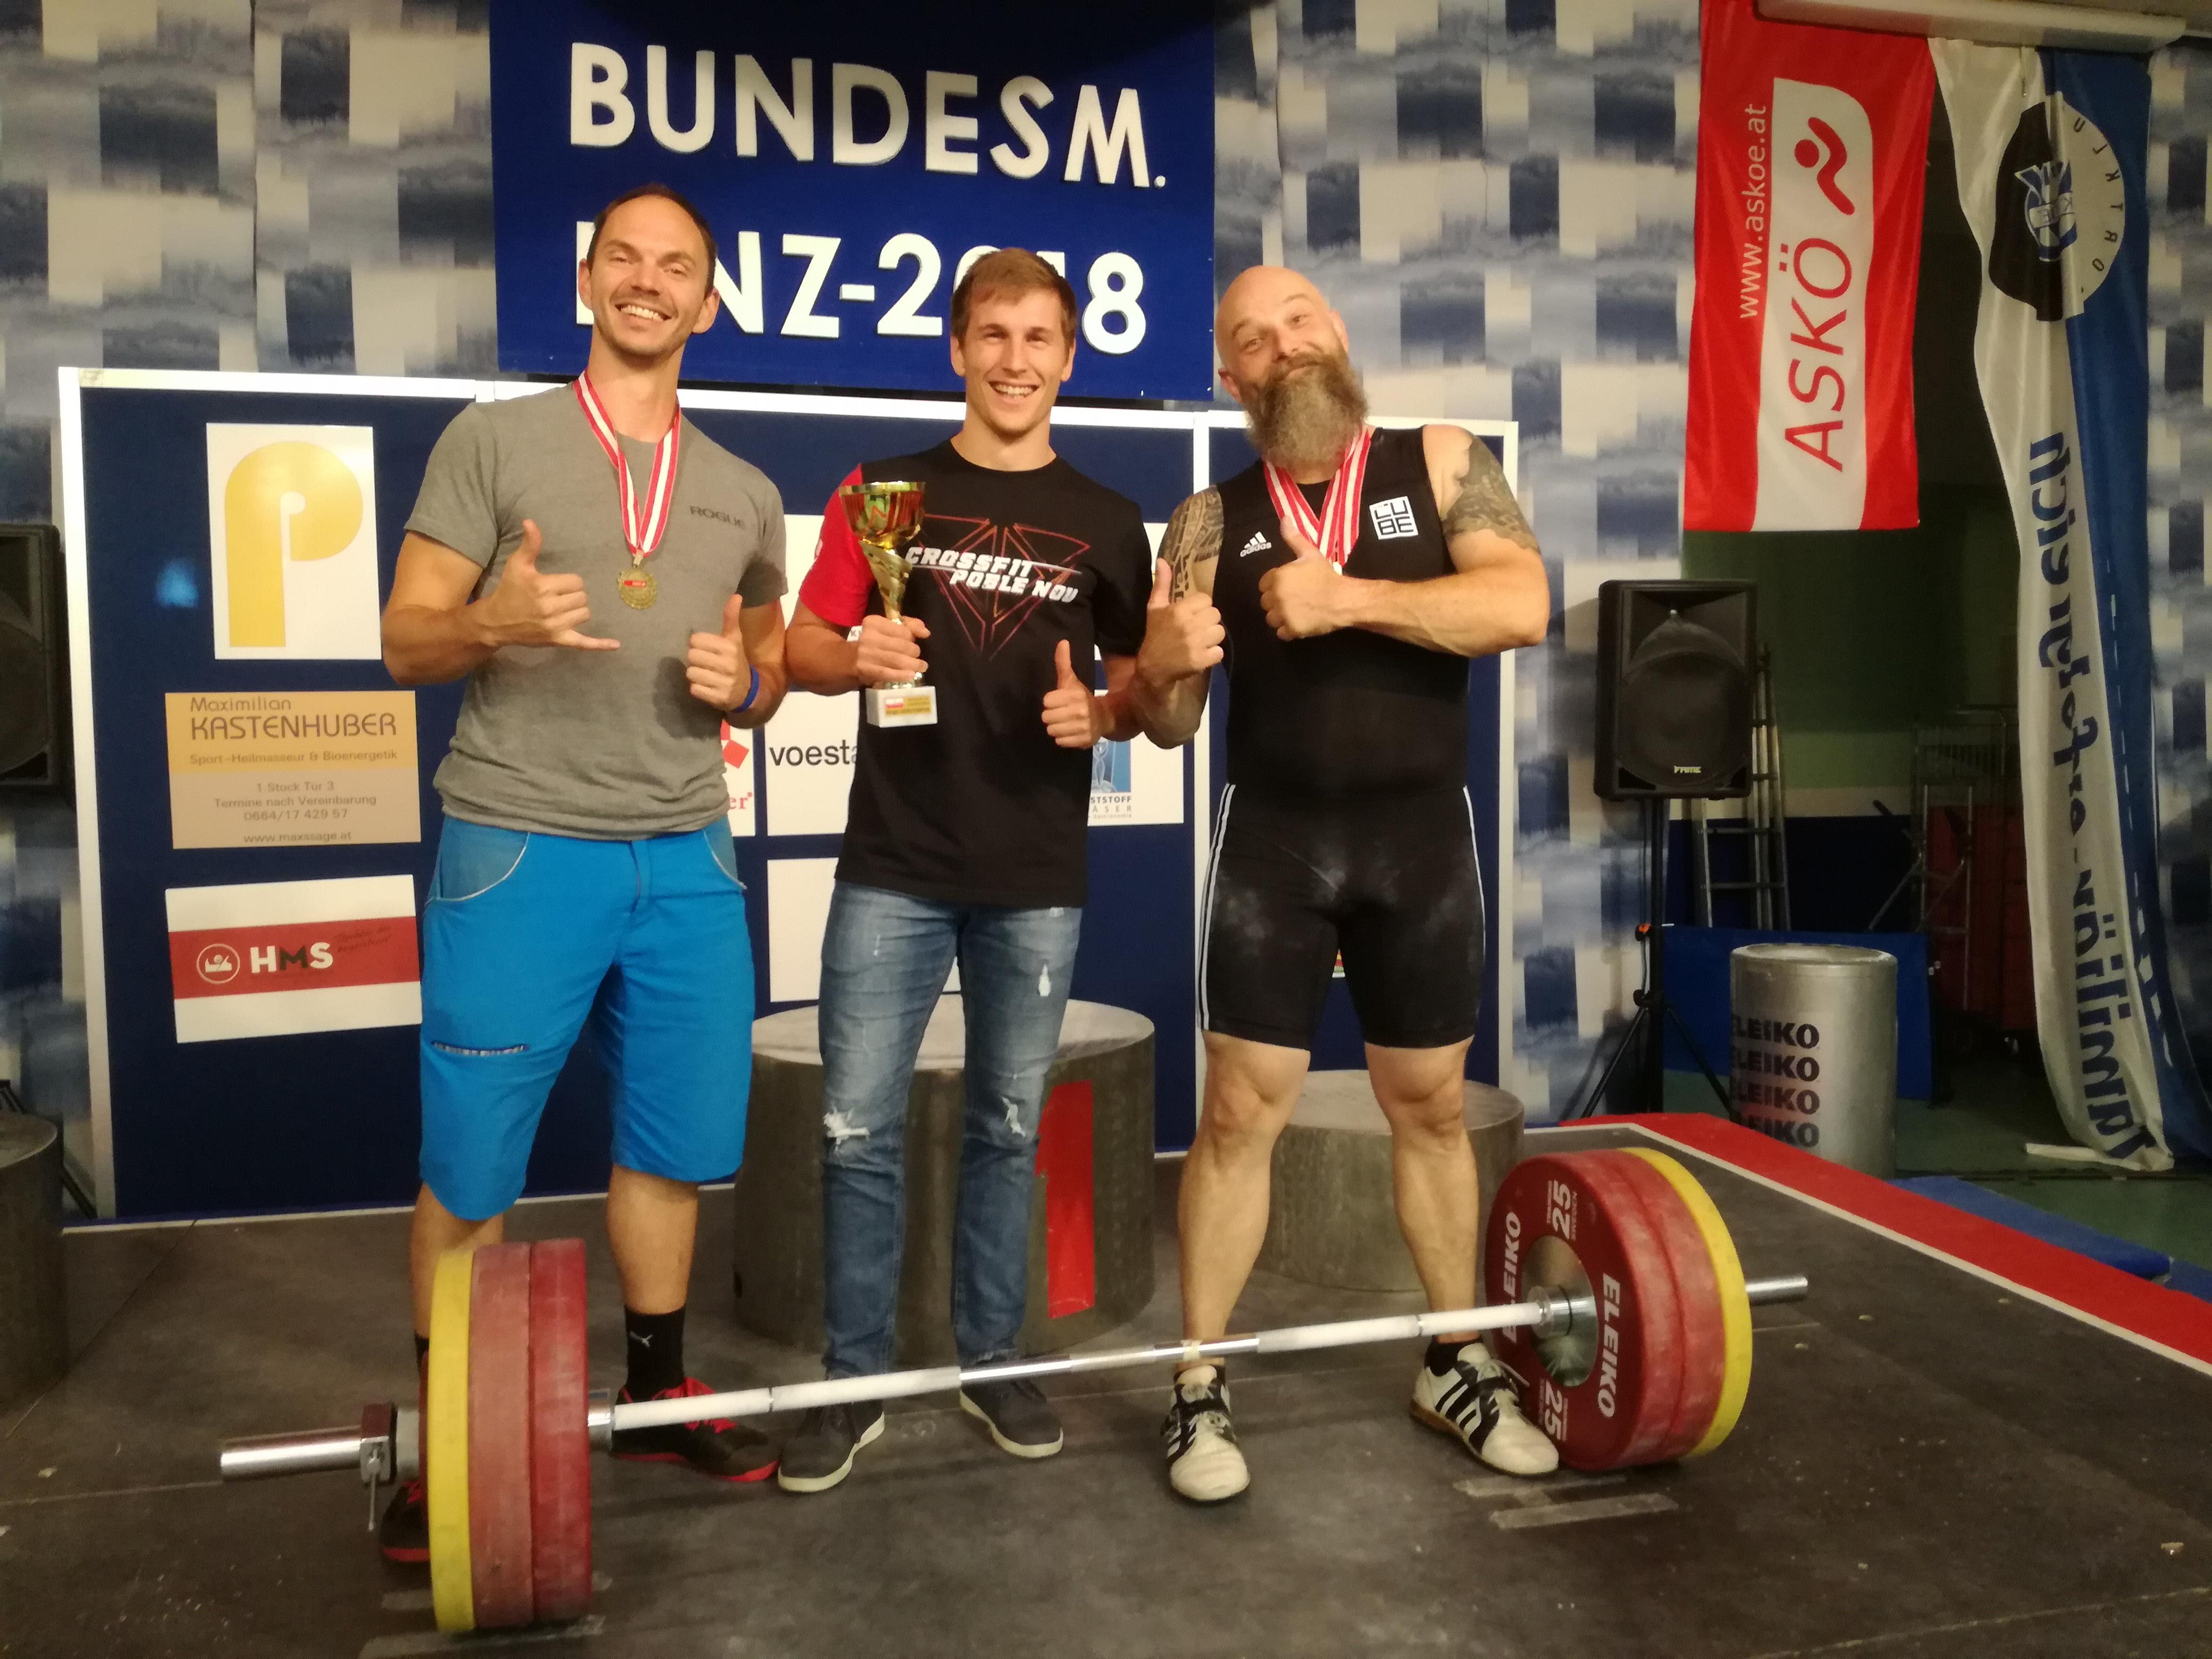 ASKÖ-Bundesmeisterschaften in Linz am 29. & 30.6.2018